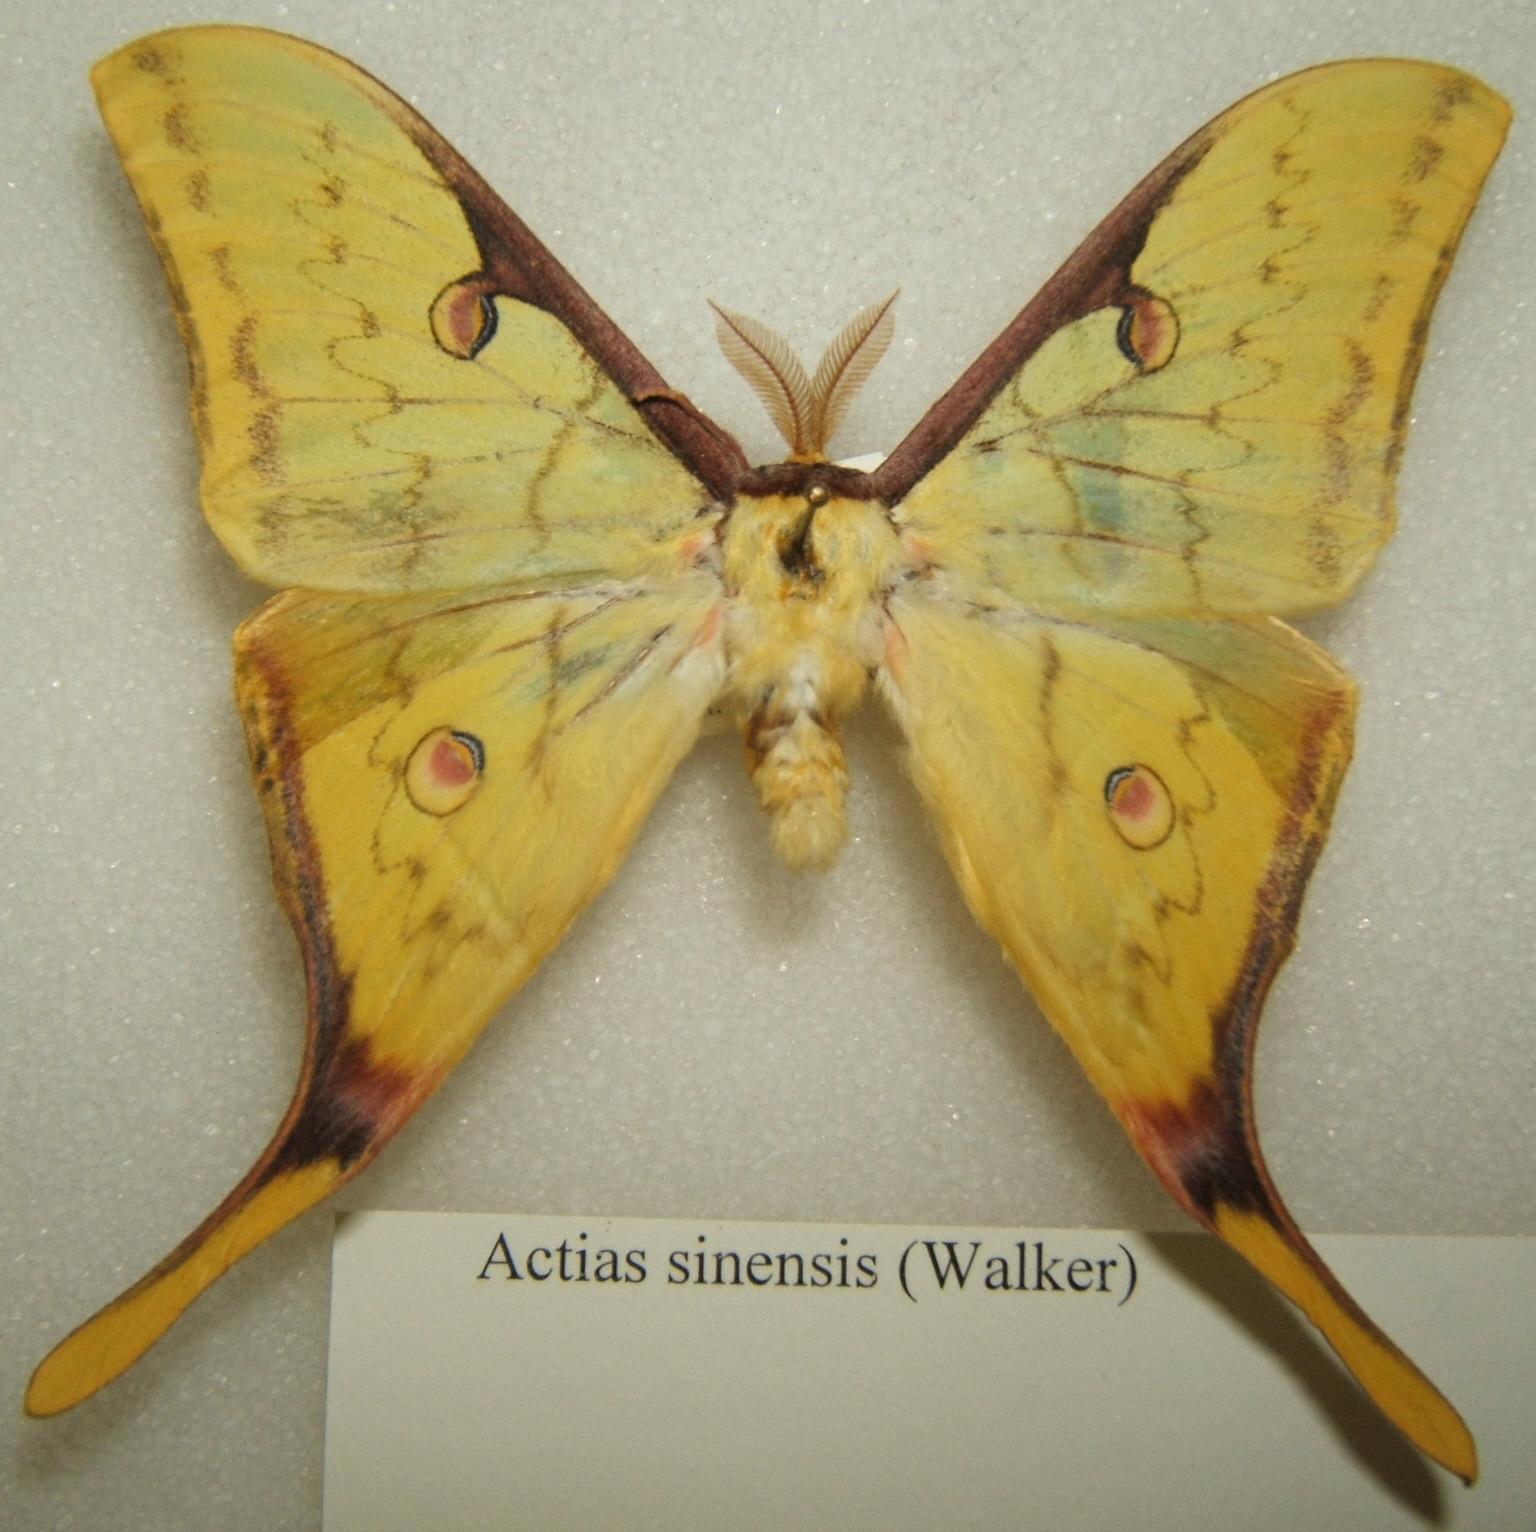 Sưu tập Bộ cánh vẩy  - Page 17 Actias_sinensis_adult_male_sjh